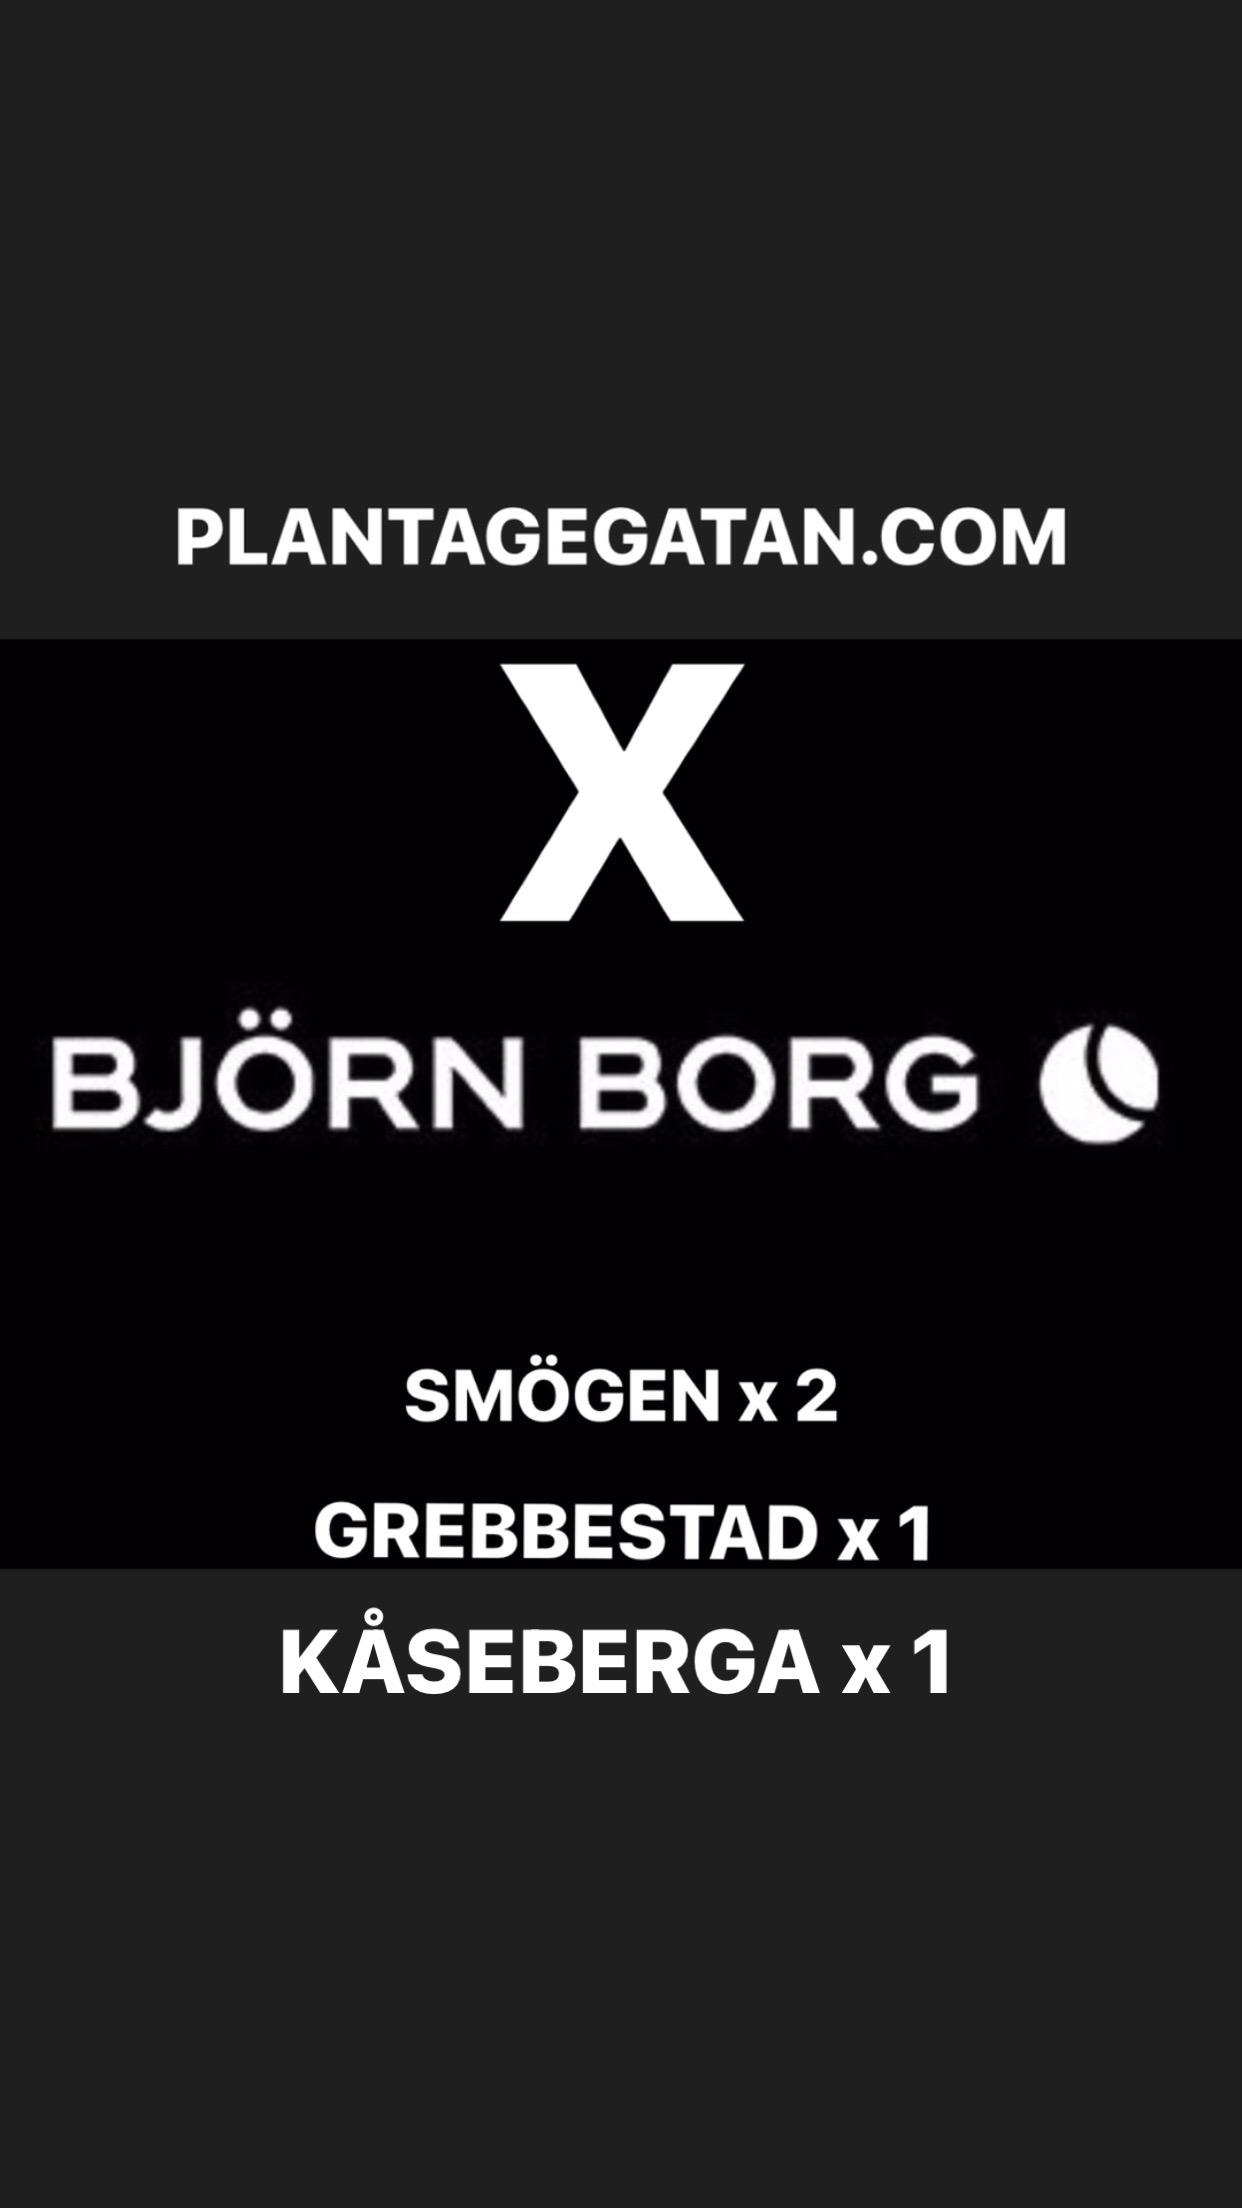 Smögen Grebbestad Kåseberga